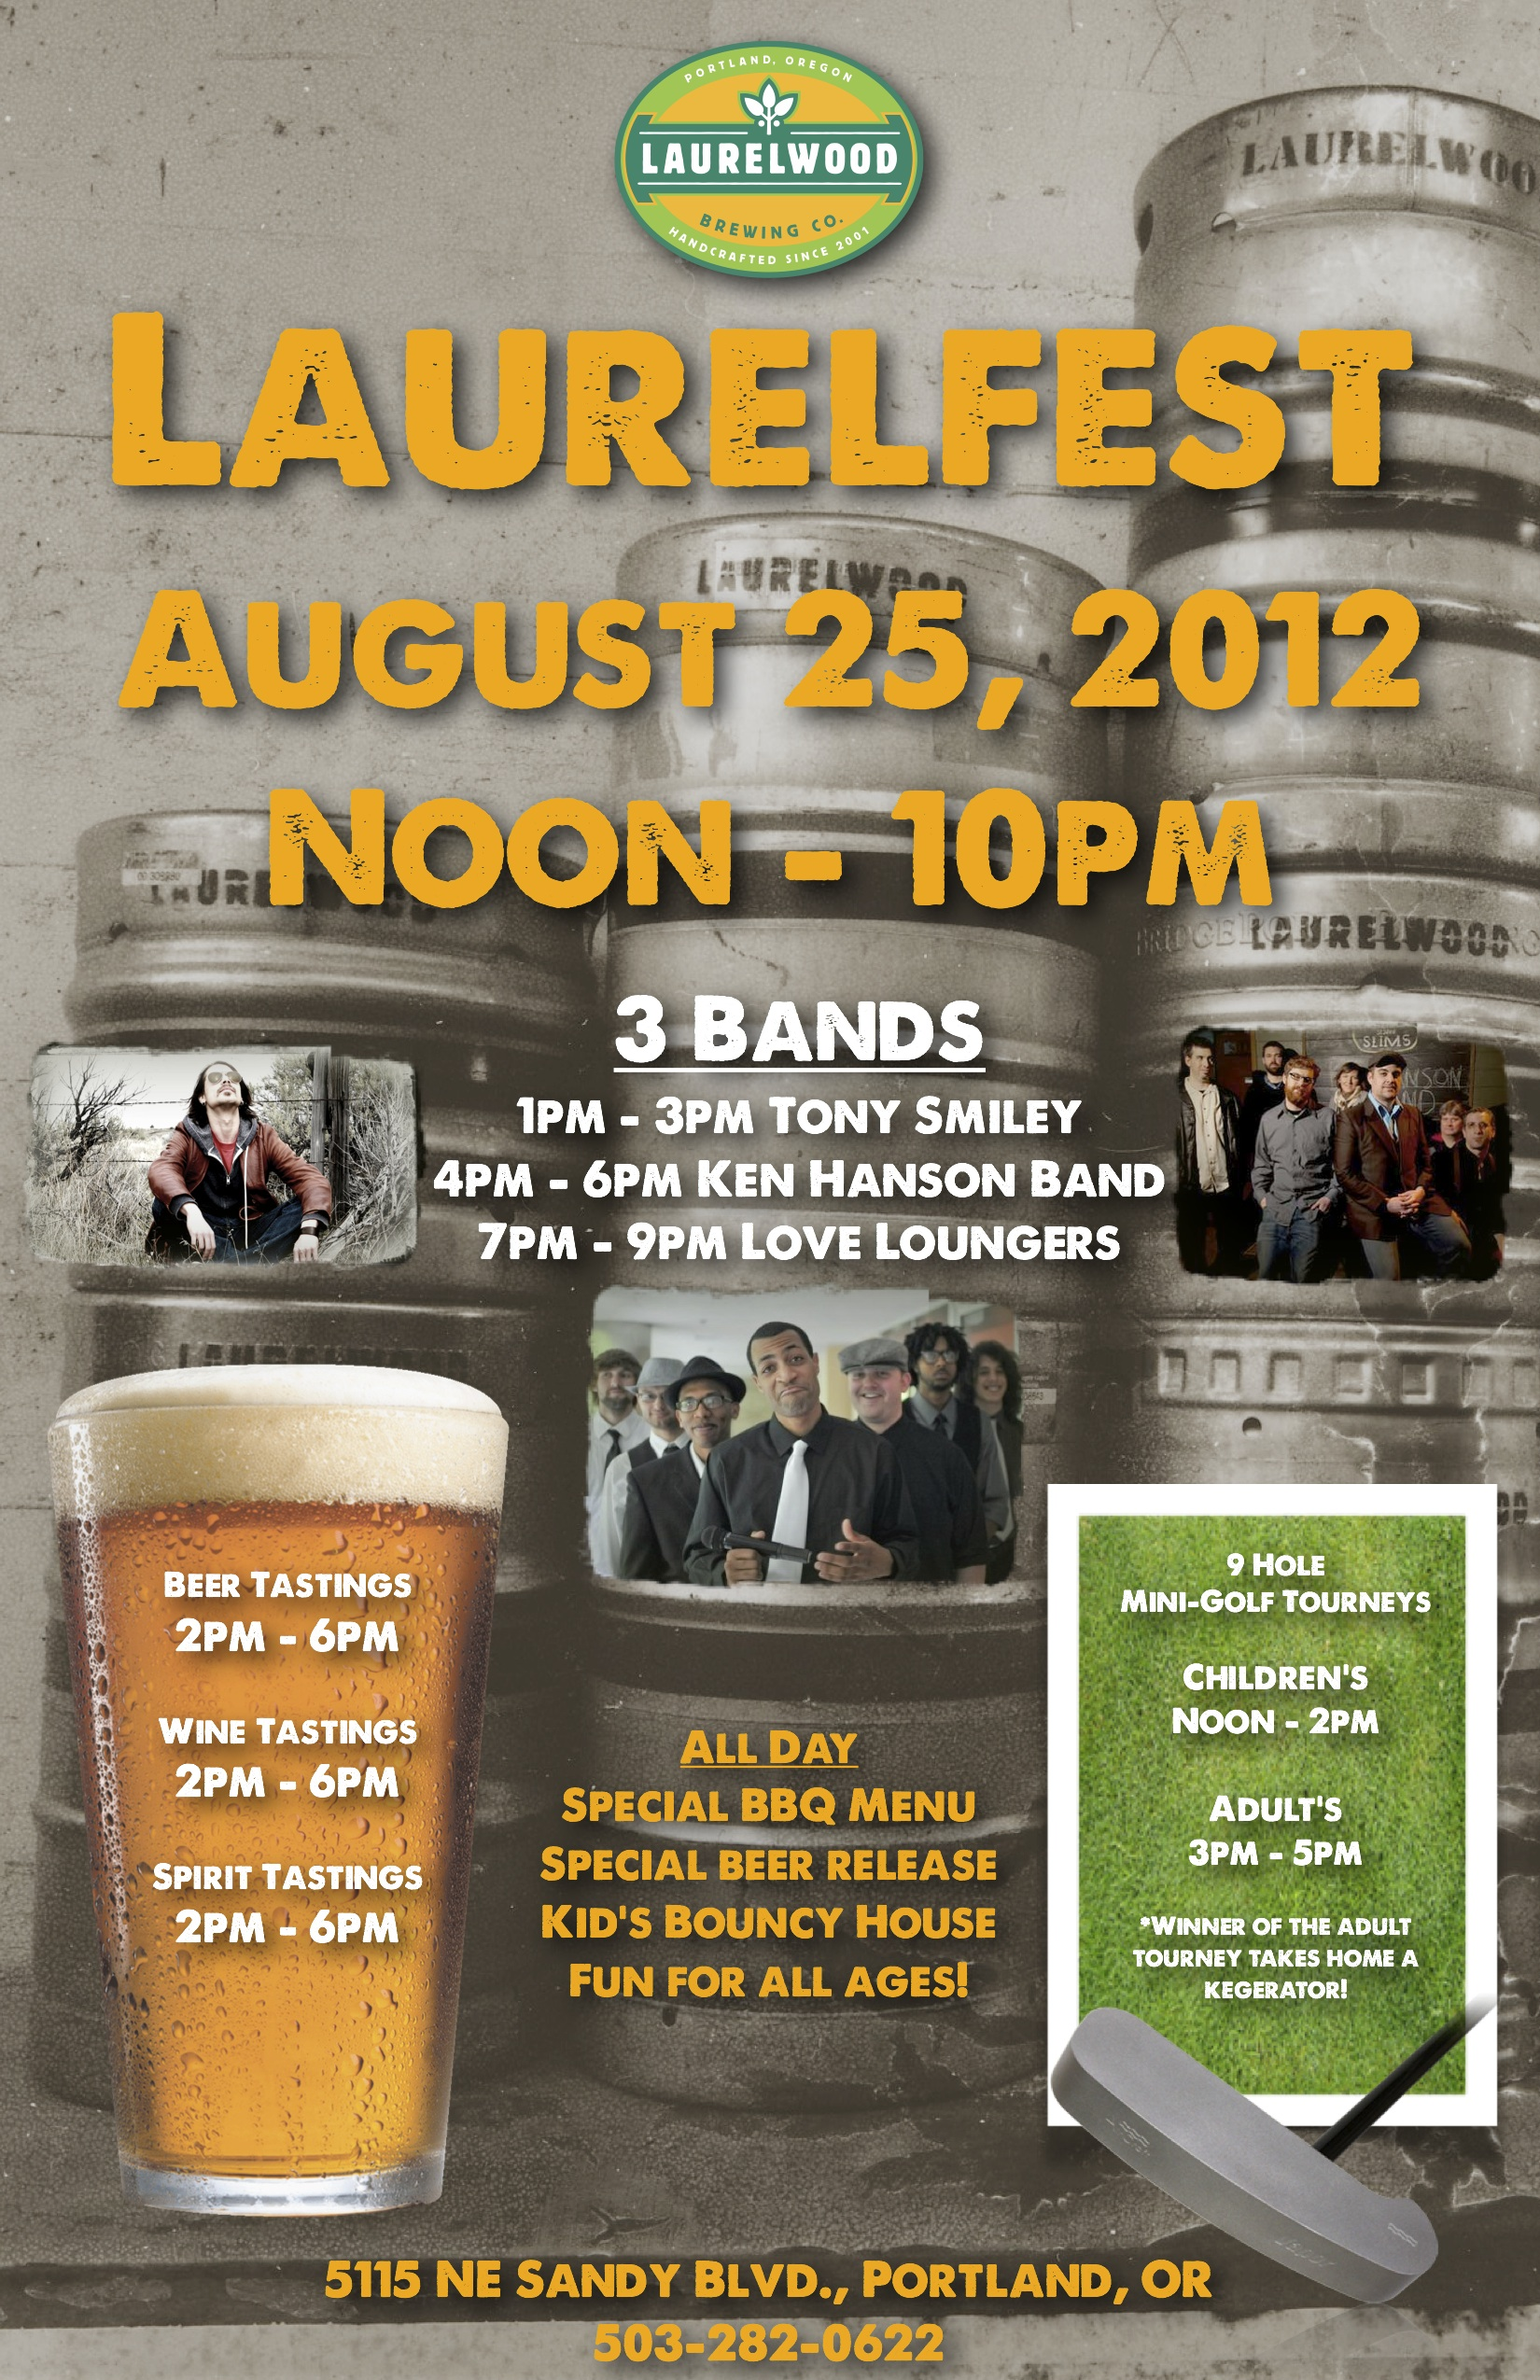 11th annual laurelfest laurelwood brewery